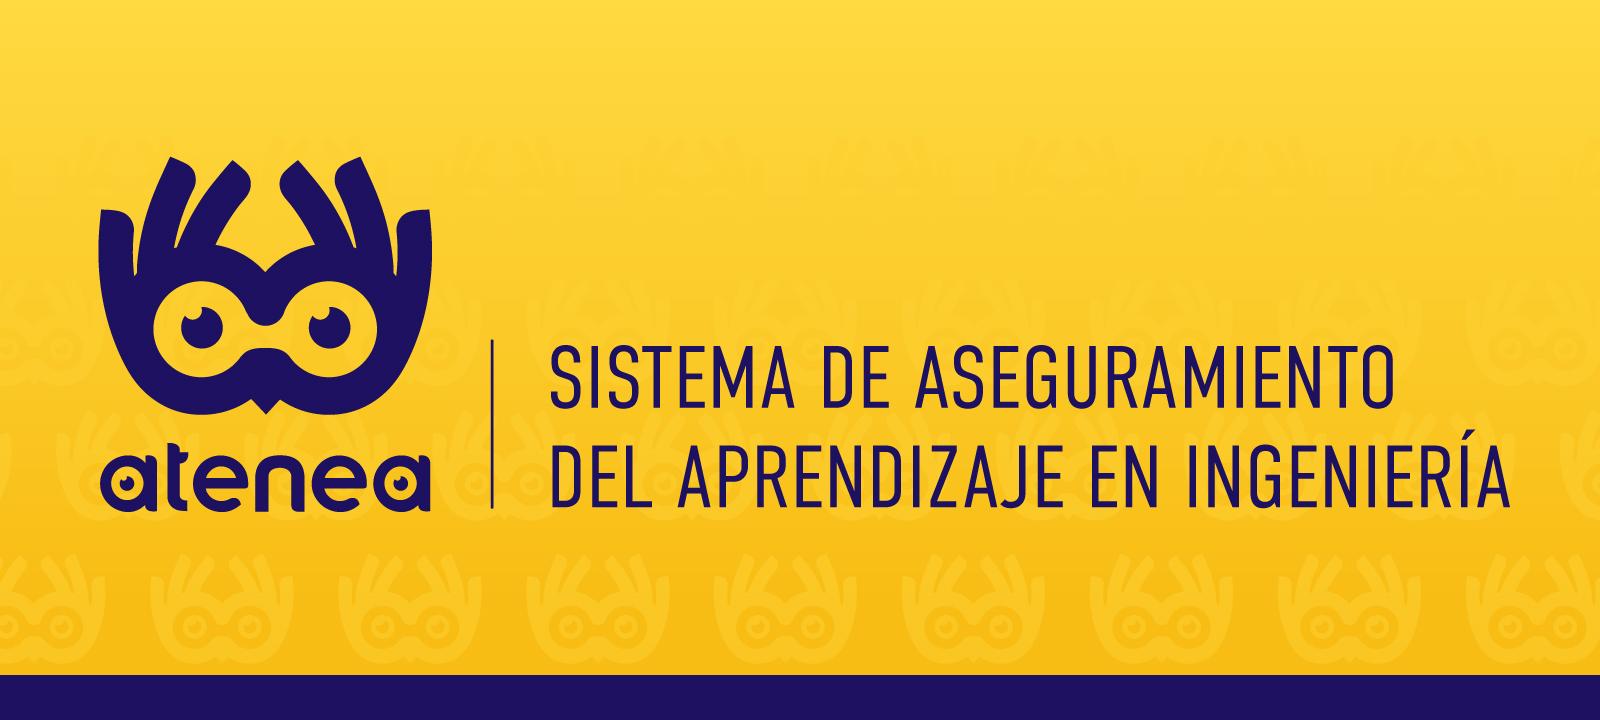 Atenea: sistema de aseguramiento del aprendizaje en ingeniería